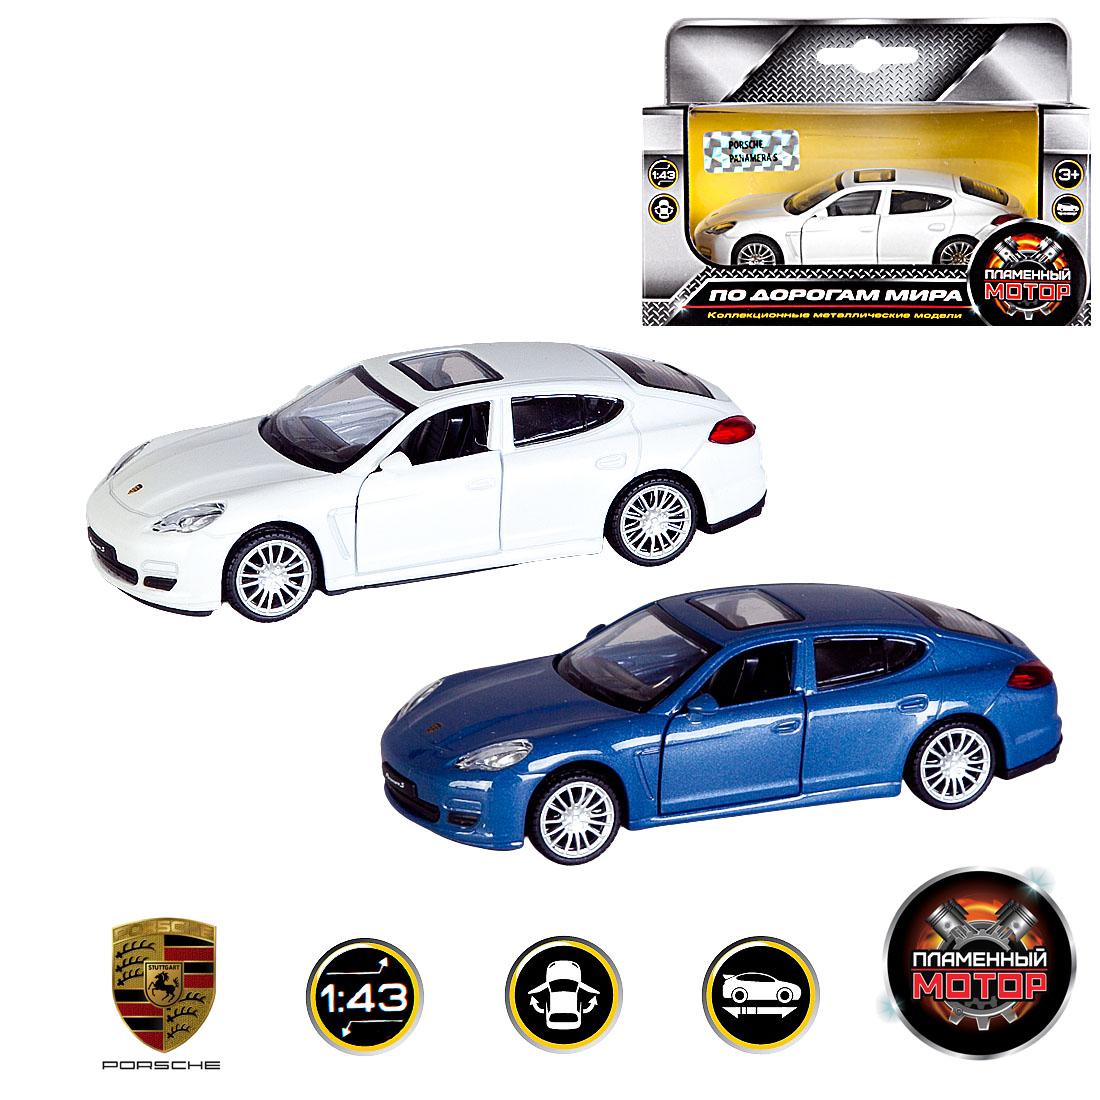 Машинки и мотоциклы Пламенный мотор Porsche Panamera S (870142) 1:43 pit stop машинка porsche panamera turbo черная 1 64 ps 344018s bl